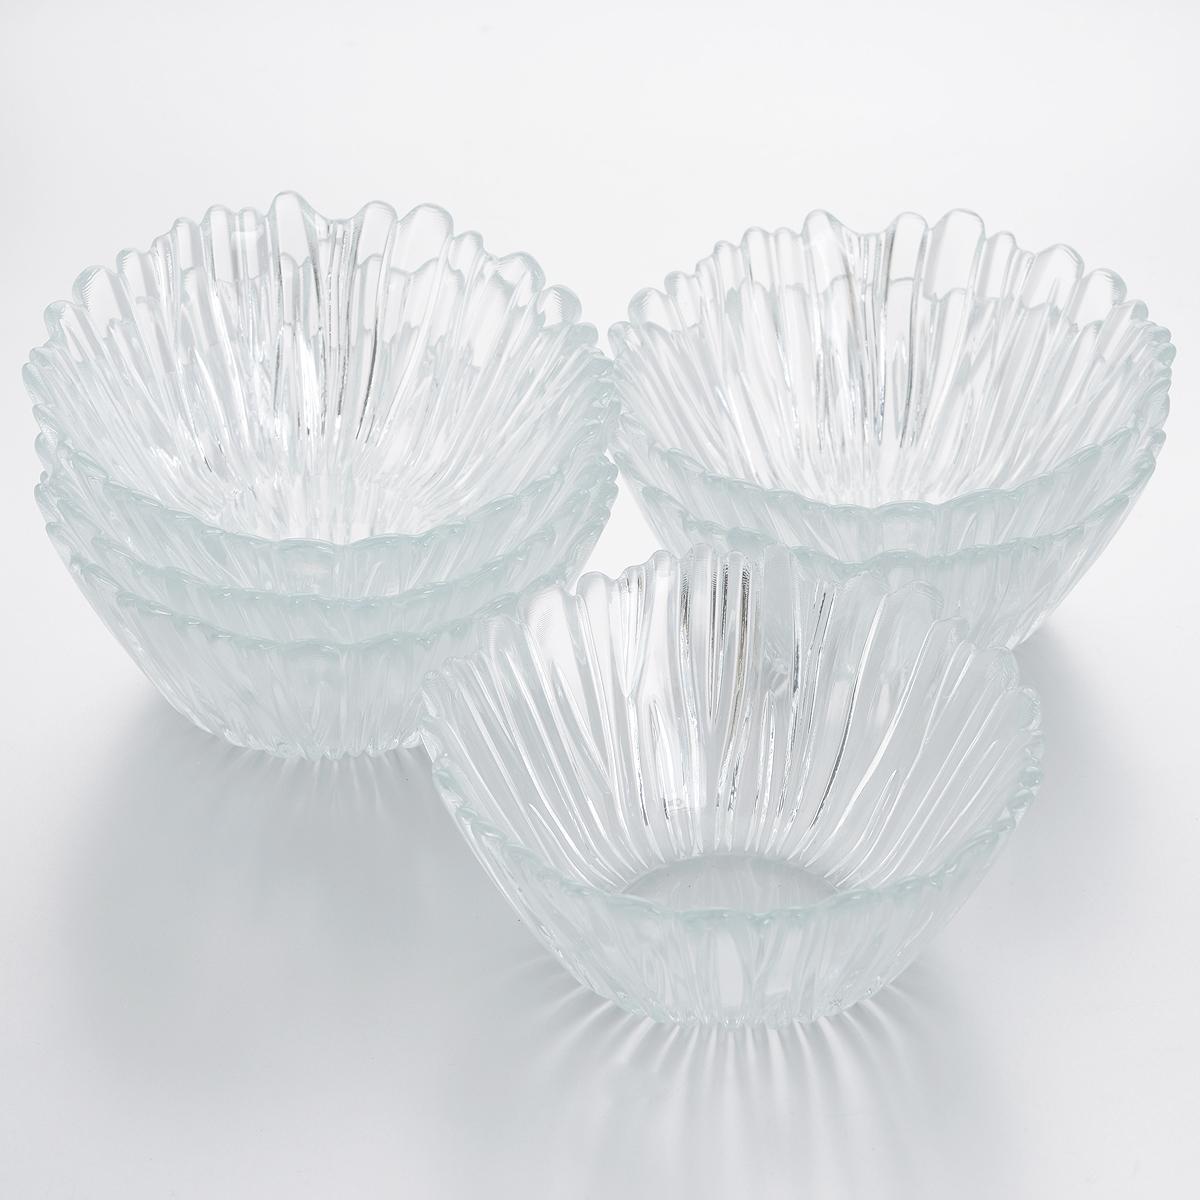 Набор салатников Pasabahce Аврора, диаметр 14 см, 6 шт. 10601B391602Набор Pasabahce Аврора состоит из шести круглых салатников, выполненных из прочного закаленного натрий-кальций-силикатного стекла с повышенной термостойкостью. Стенки украшены изящным рельефом. Такие салатники прекрасно подойдут для сервировки закусок, нарезок, салатов и других блюд. Набор прекрасно оформит праздничный стол и удивит вас изысканным дизайном. Можно мыть в посудомоечной машине и использовать в микроволновой печи.